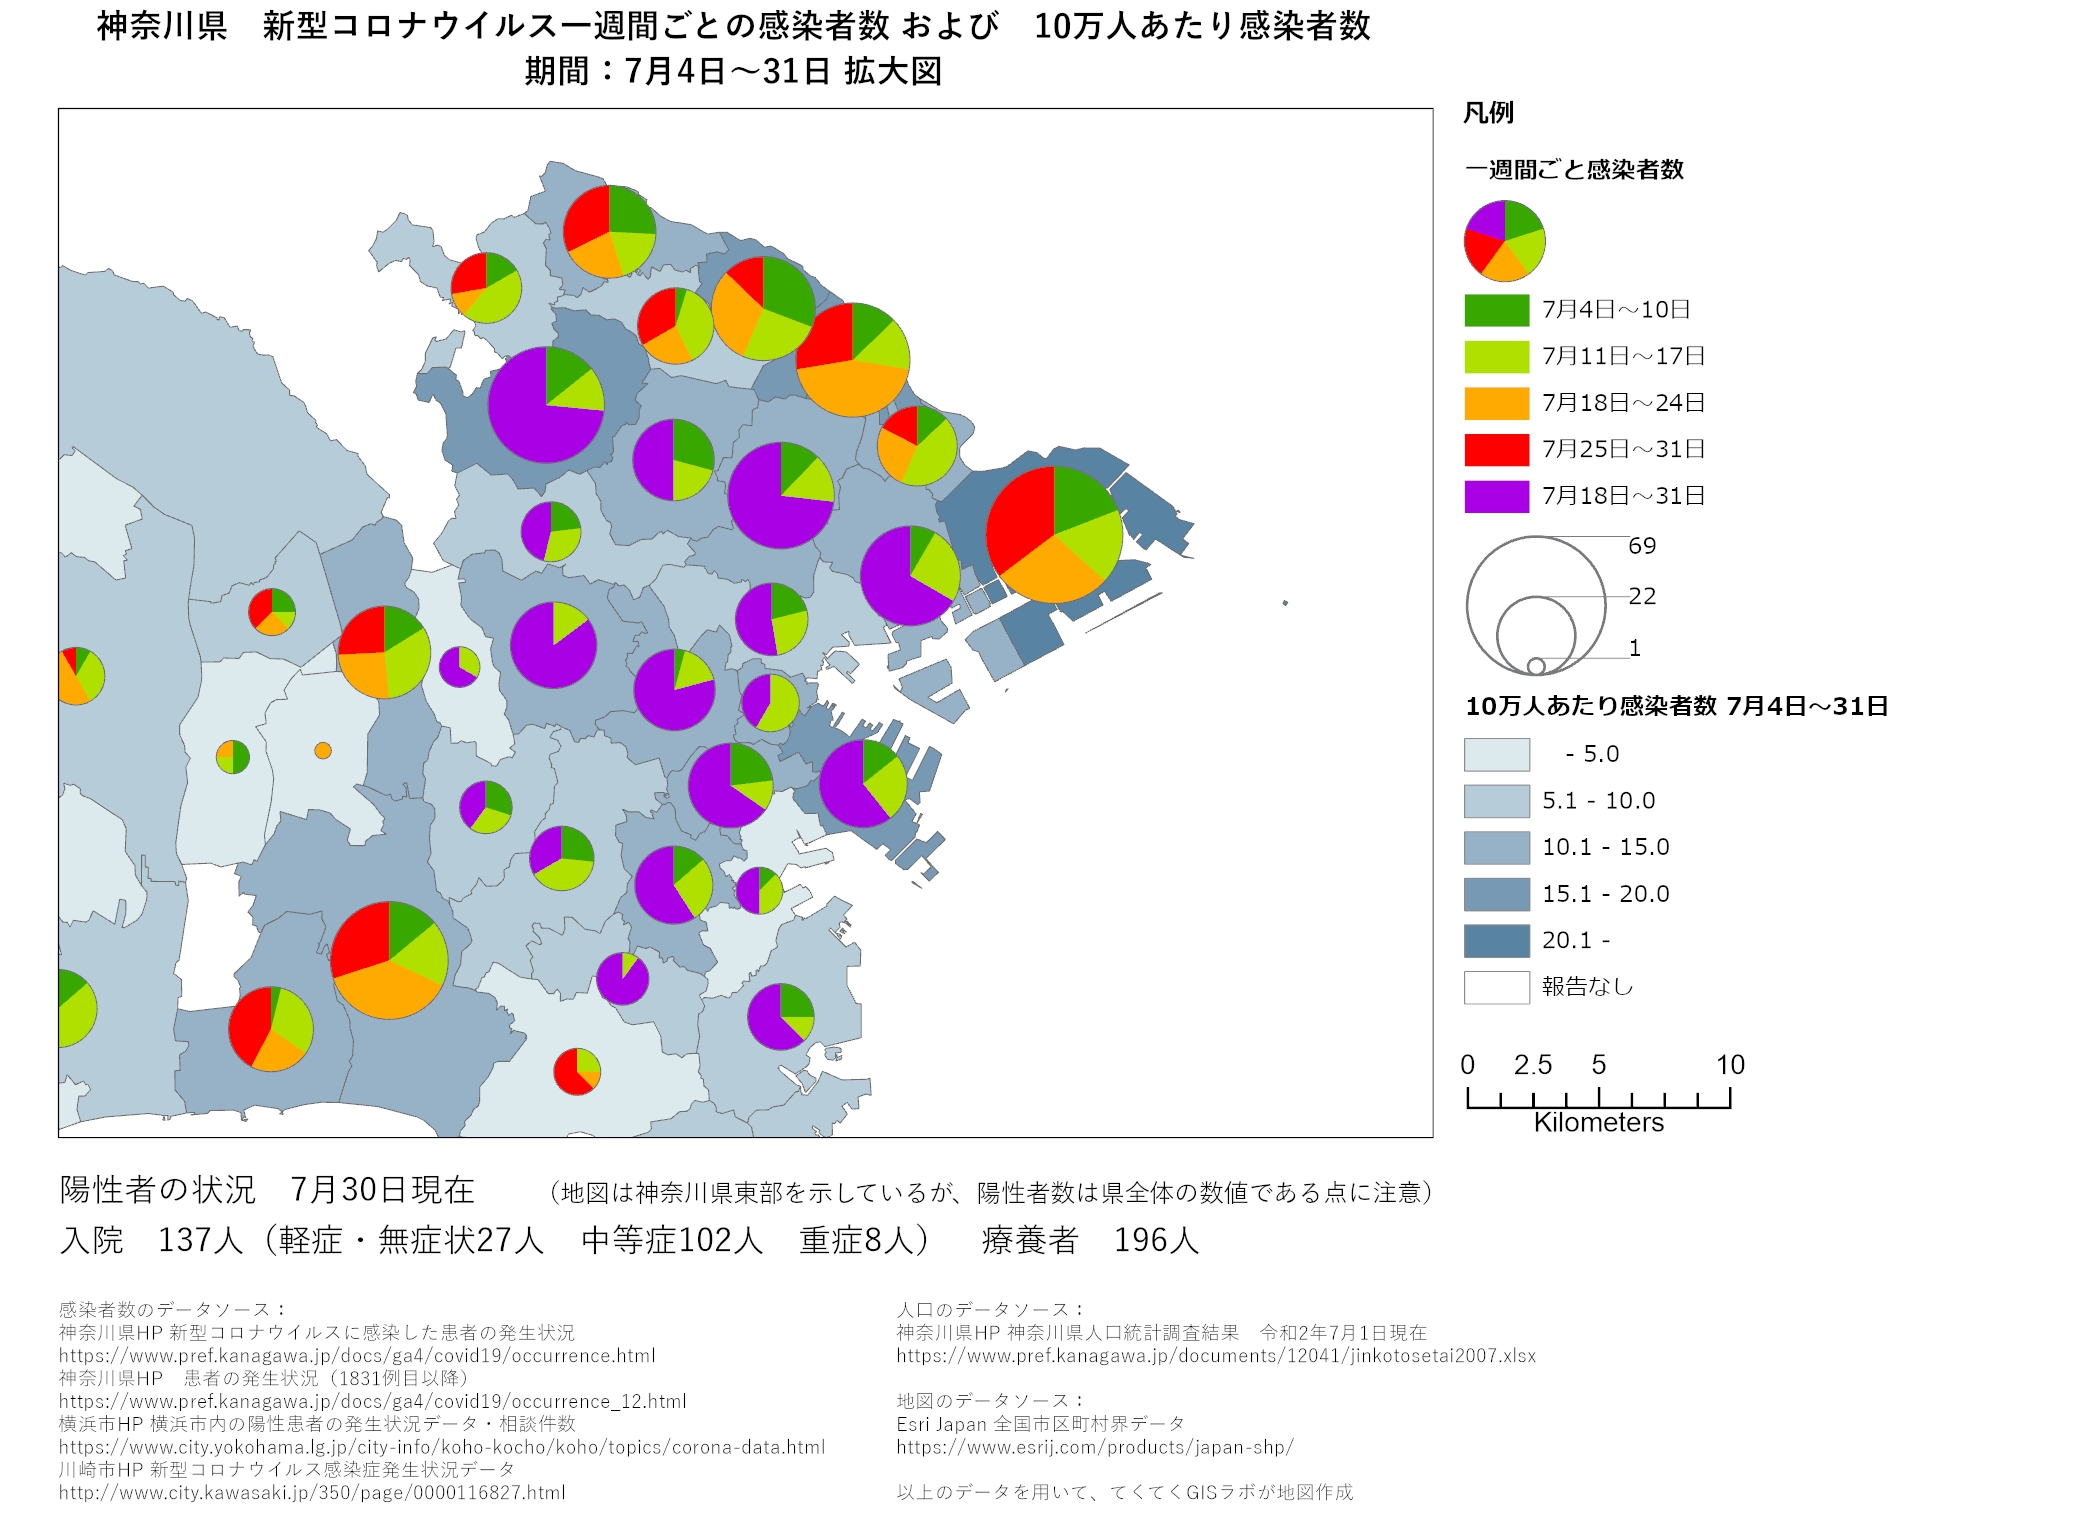 1週間ごと感染者数、神奈川県、7月4日〜7月31日